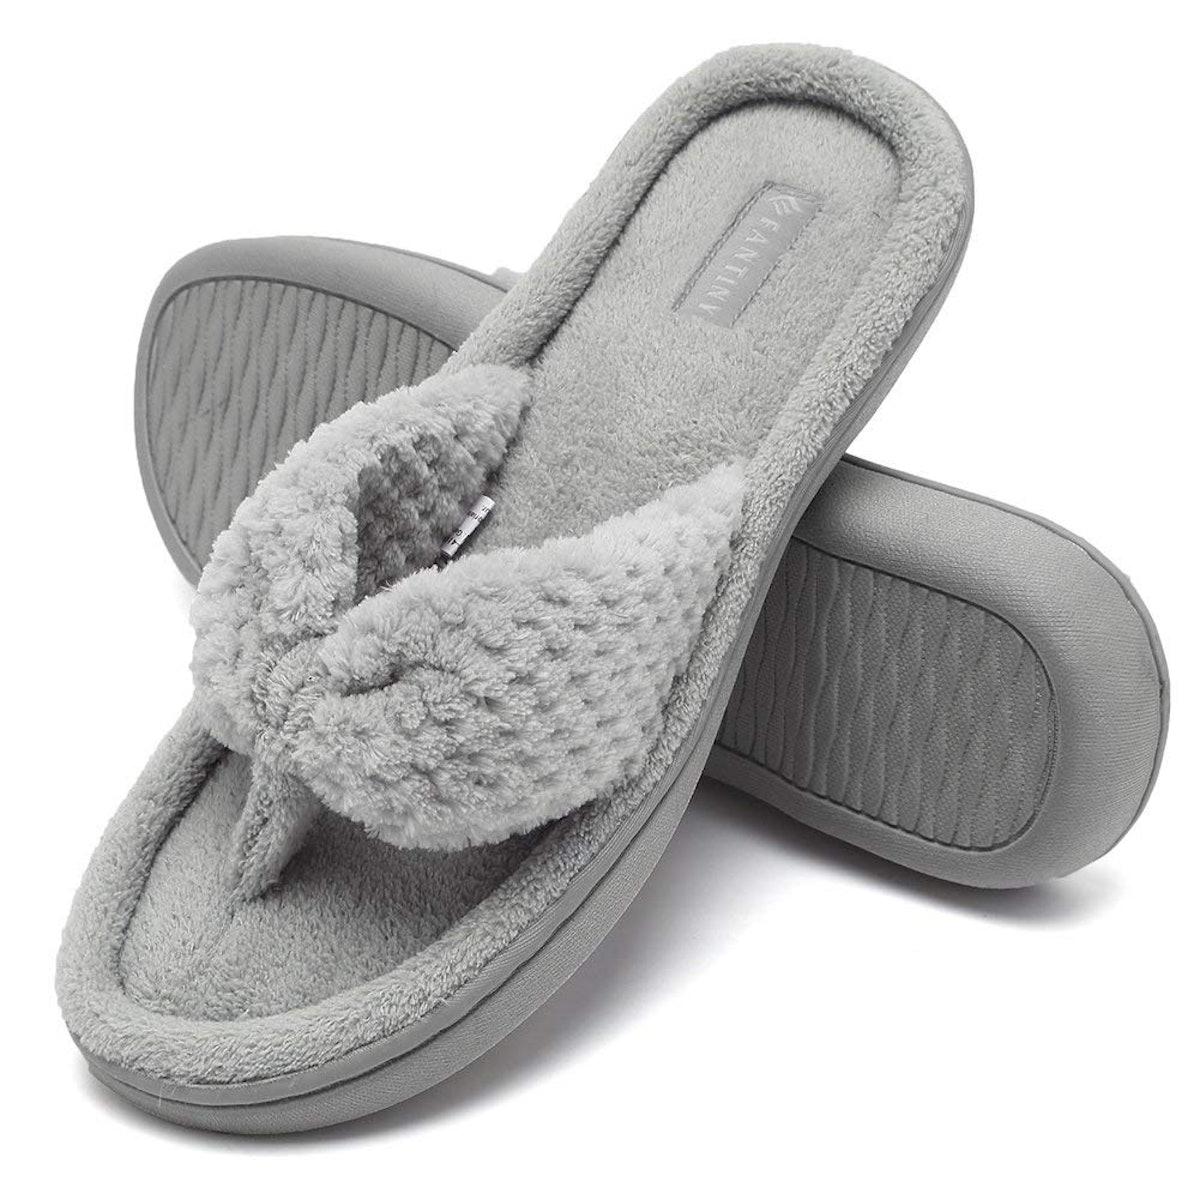 Fantiny Memory Foam Slippers